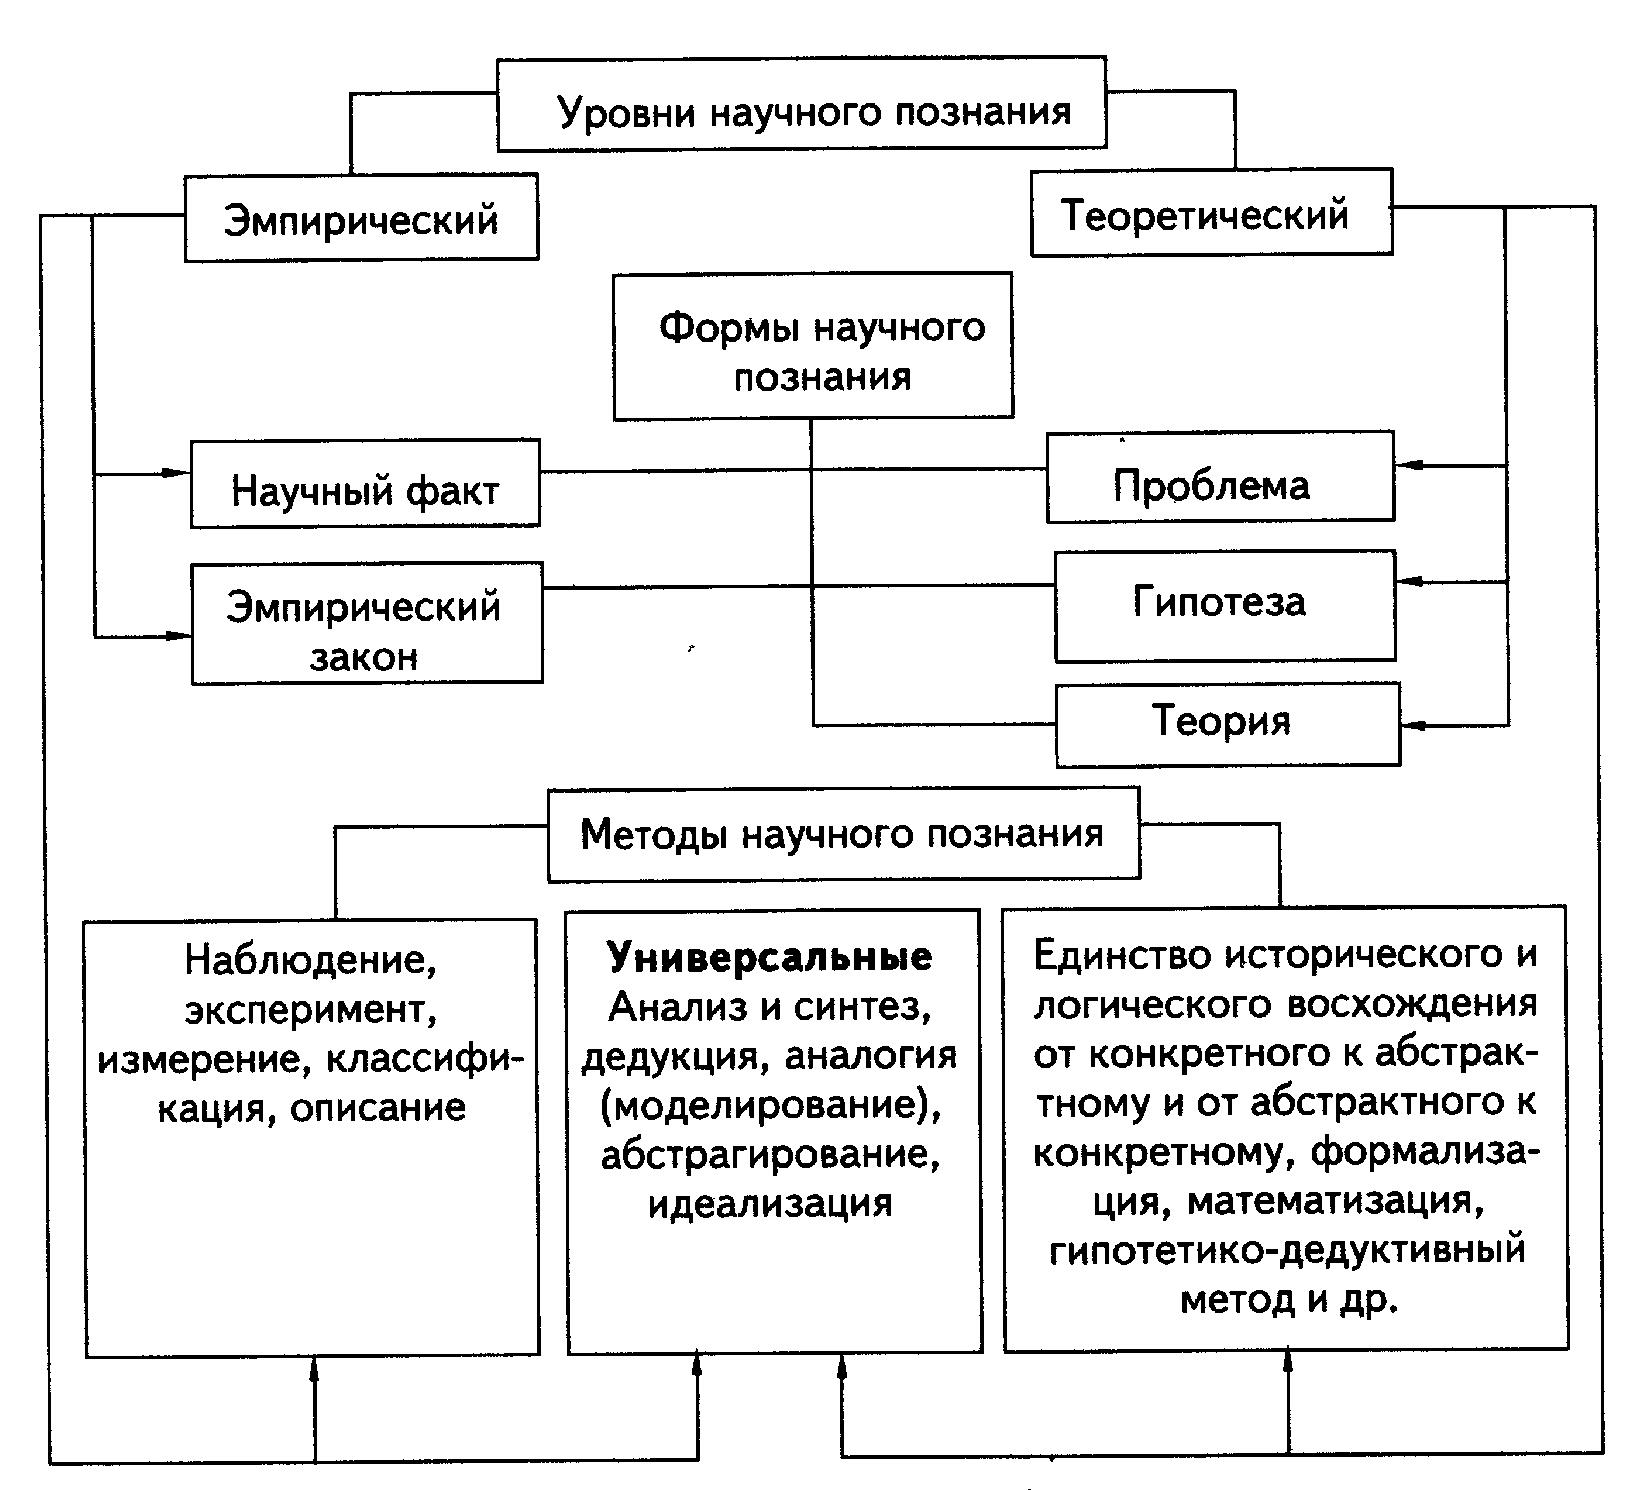 Структура и уровни научного познания реферат 8751